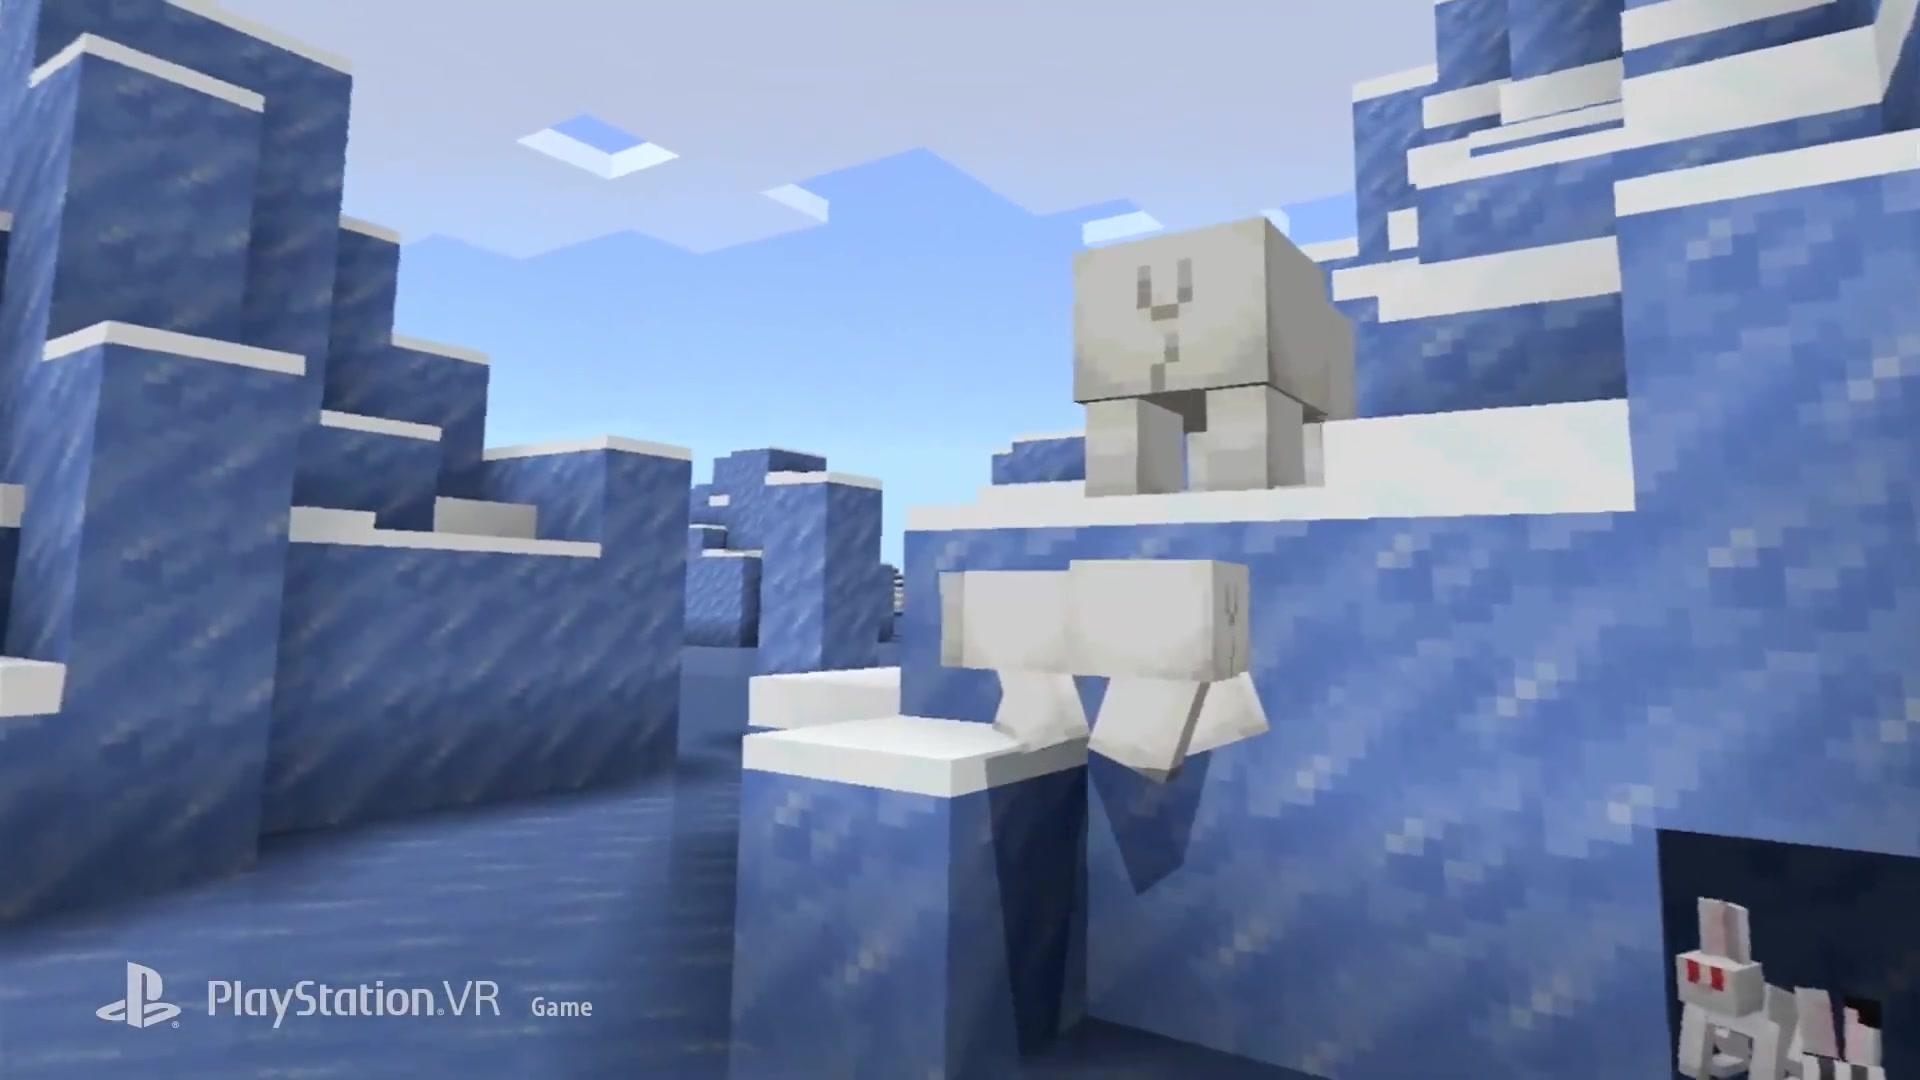 《我的世界》PSVR版已实装 所有玩家可免费游戏